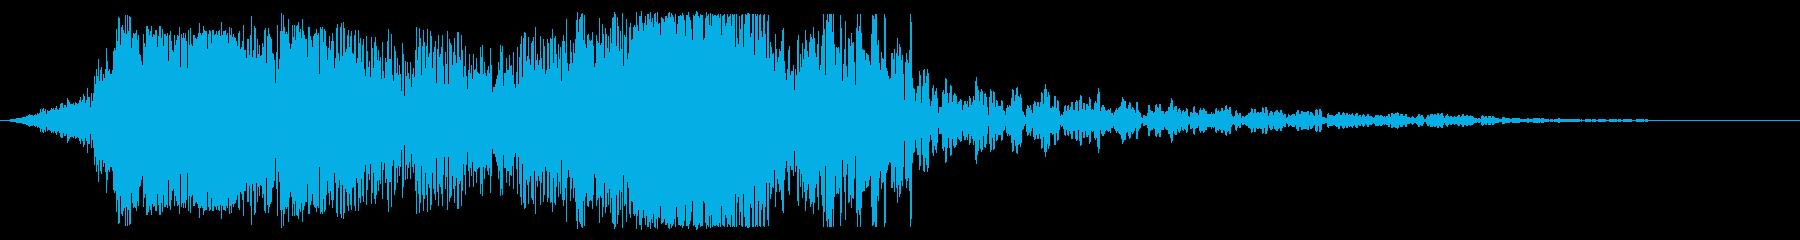 金属せん断変形の再生済みの波形